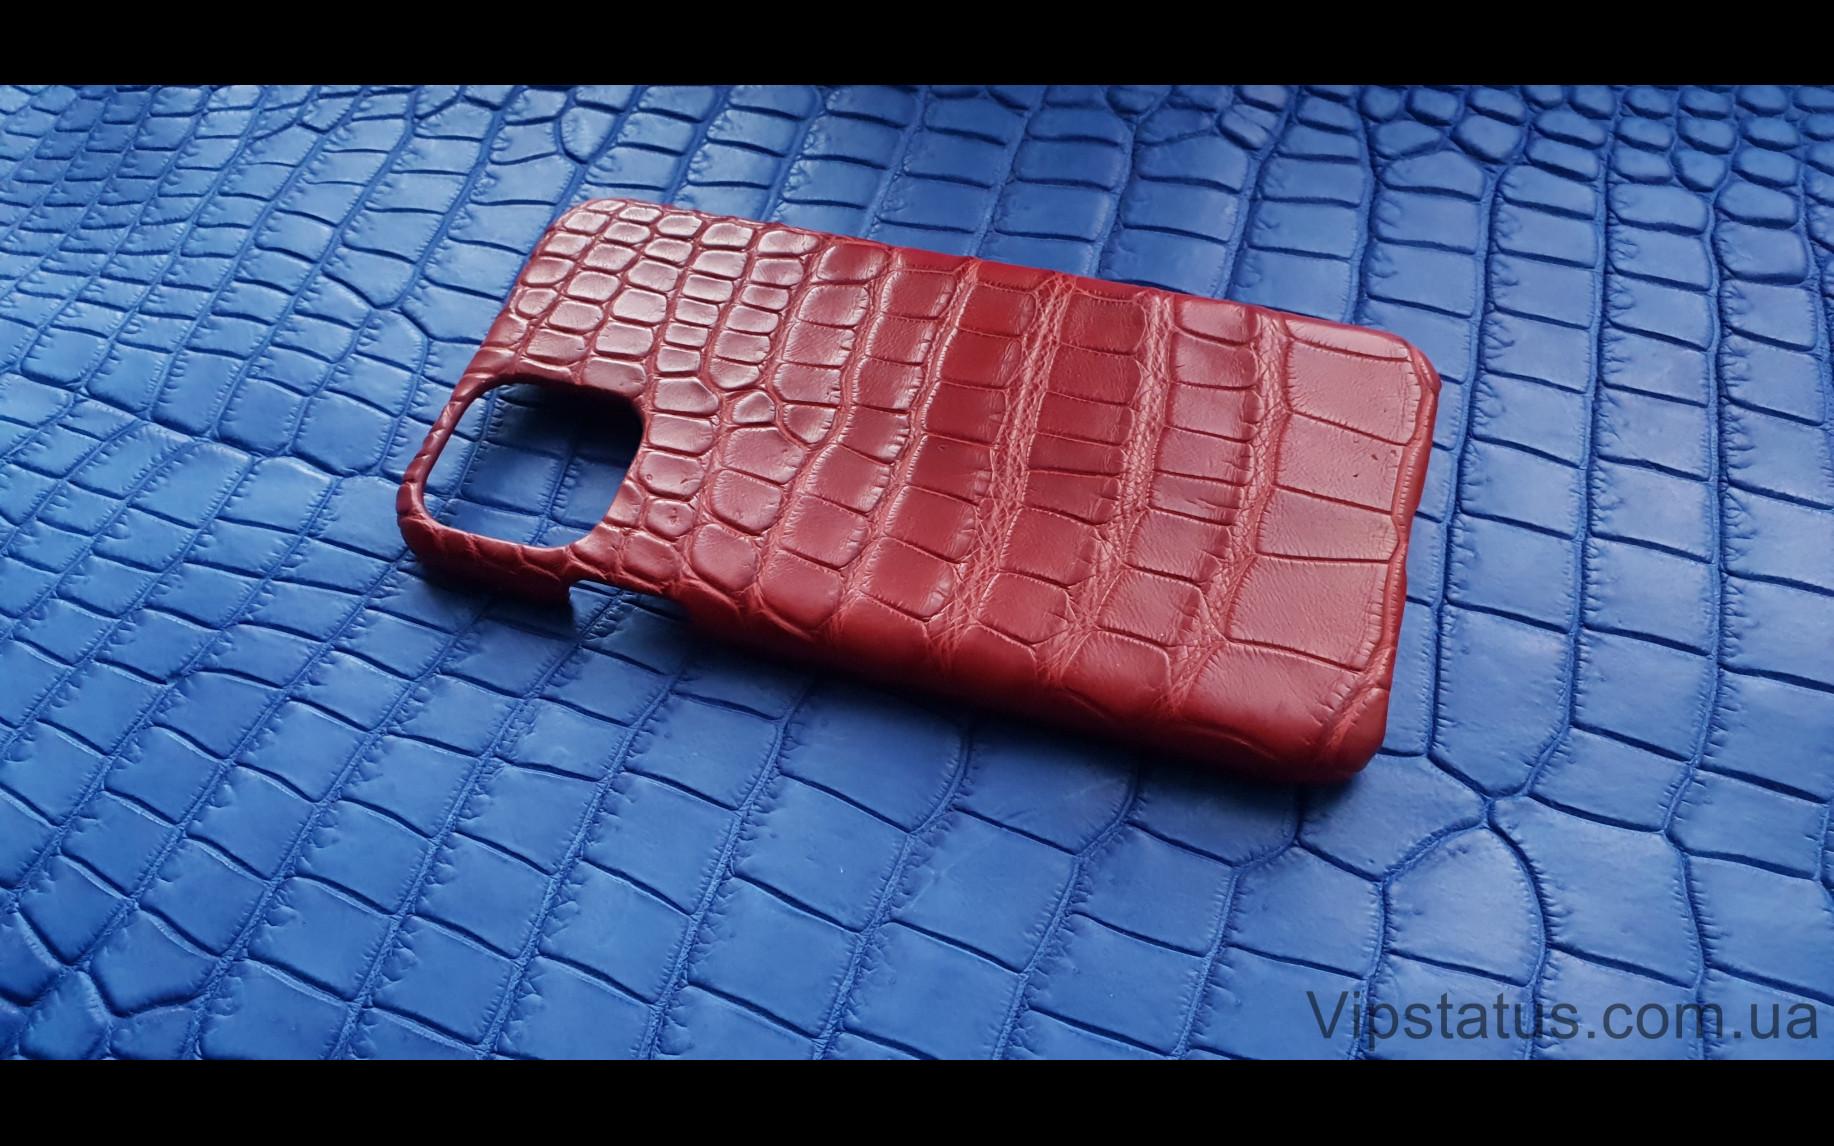 Элитный Red Storm Элитный чехол IPhone 11 Pro Max кожа крокодила Red Storm Элитный чехол IPhone 11 Pro Max кожа крокодила изображение 2